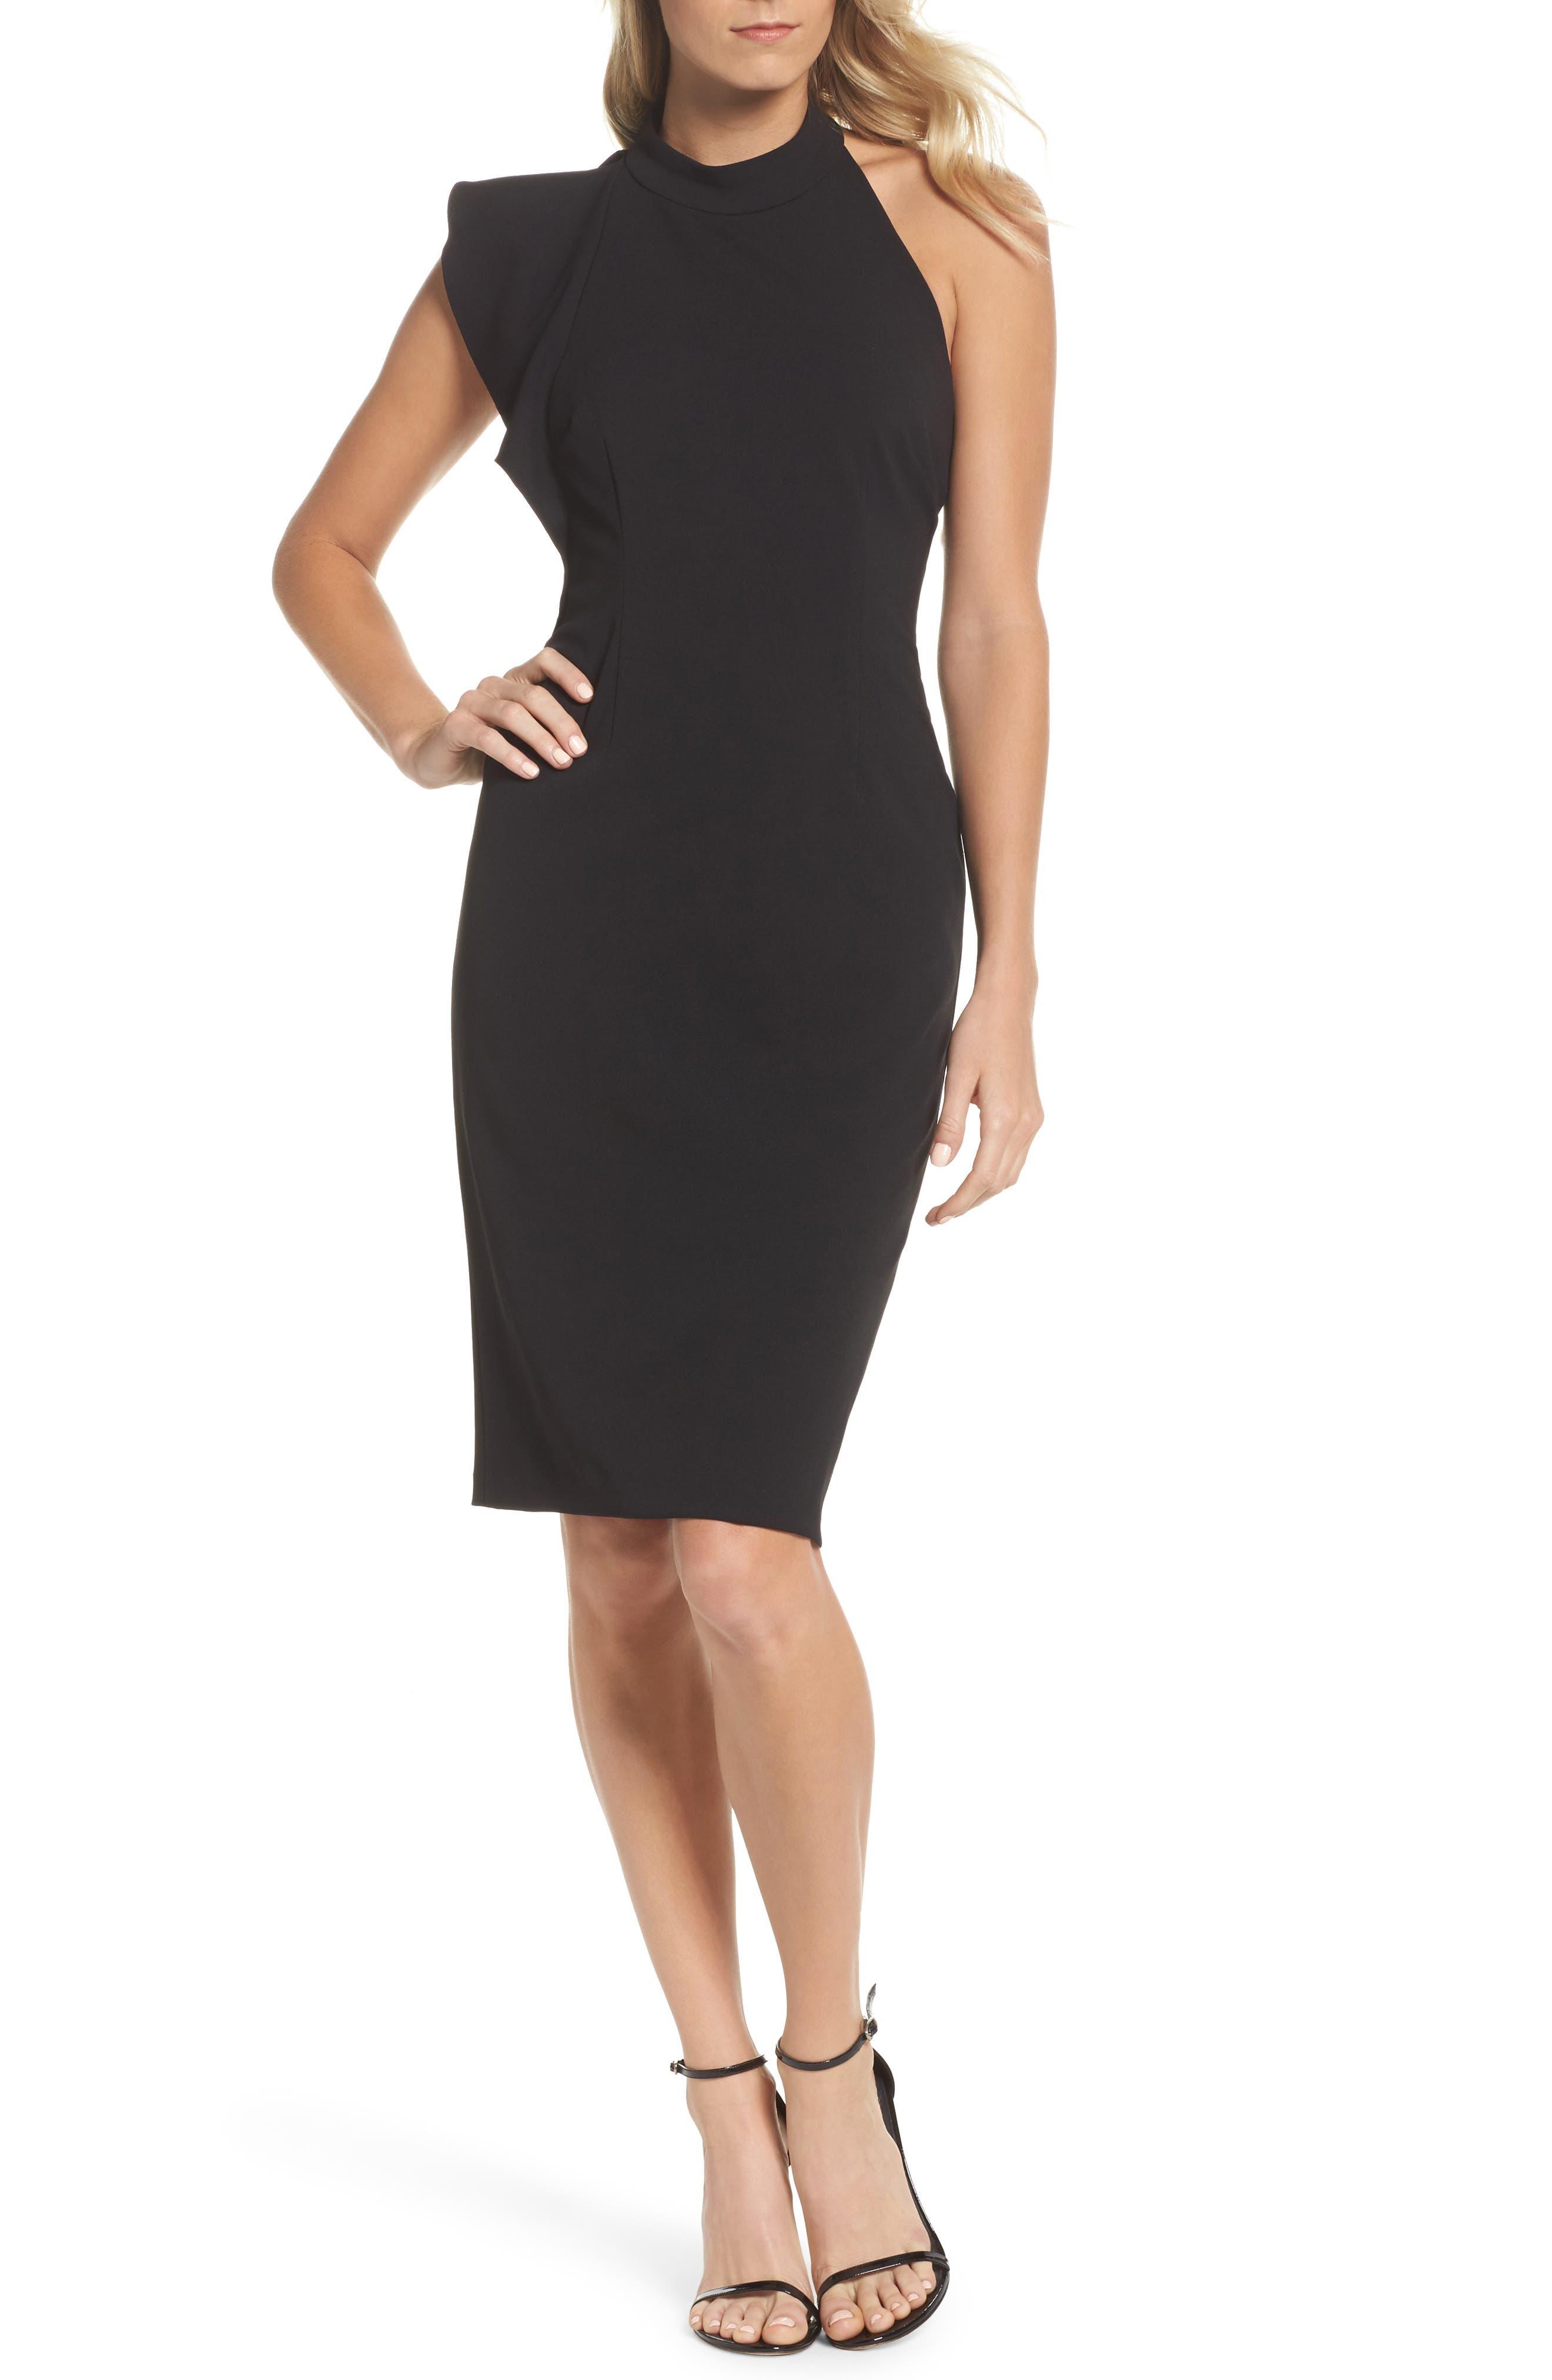 Fashion Long Black Dress